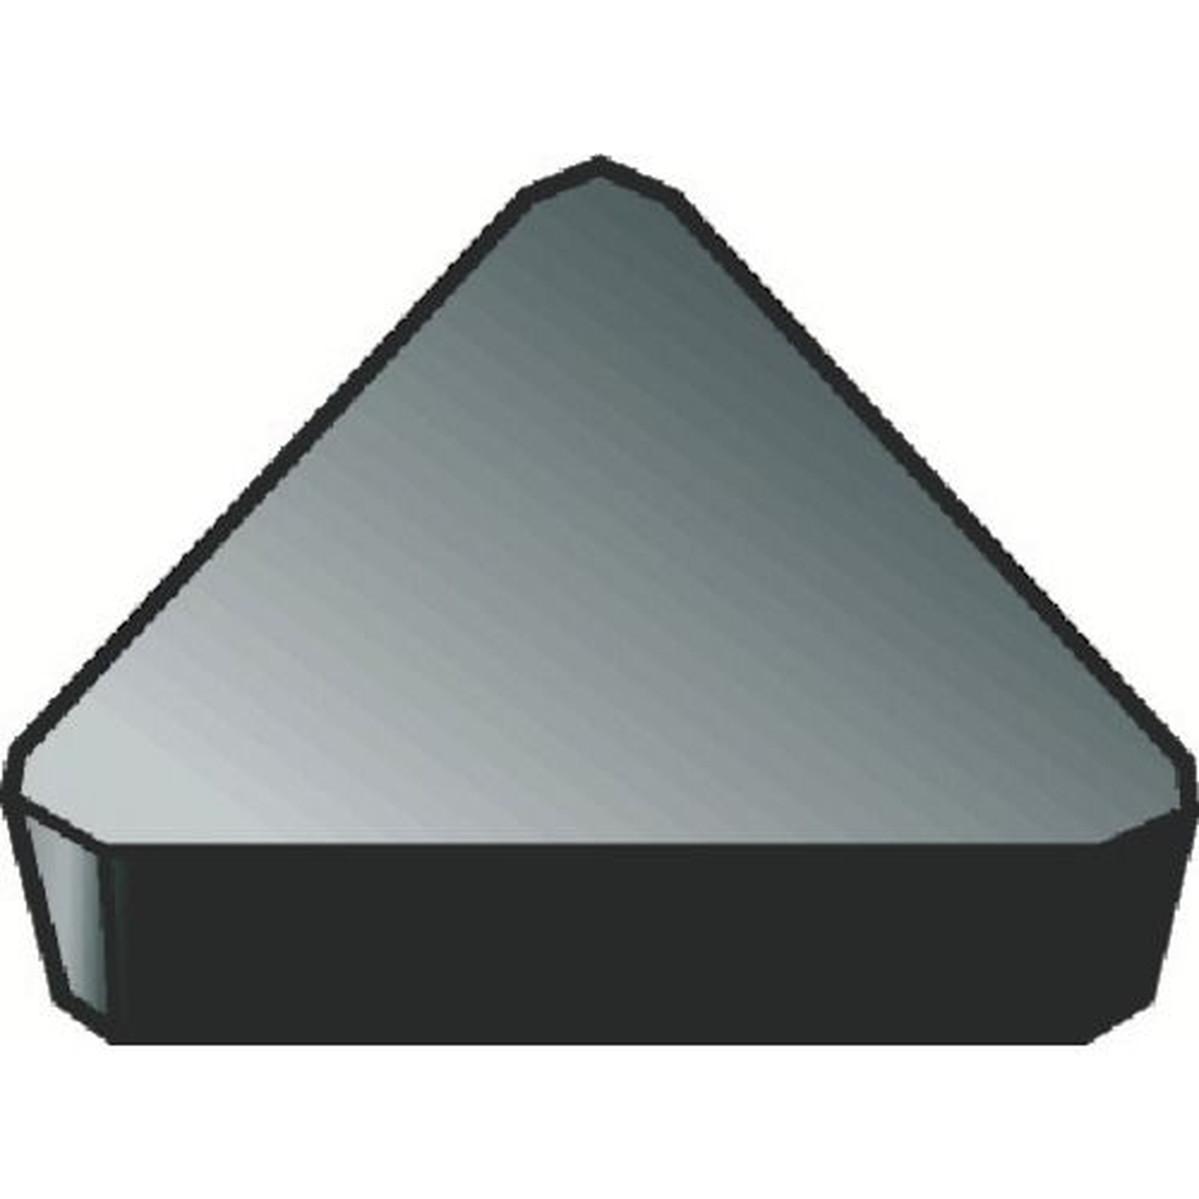 一番の サンドビック サンドビック フライスカッター用チップ フライスカッター用チップ HM 10個 10個, 家具工房Bridge-Online:016cc55d --- promotime.lt